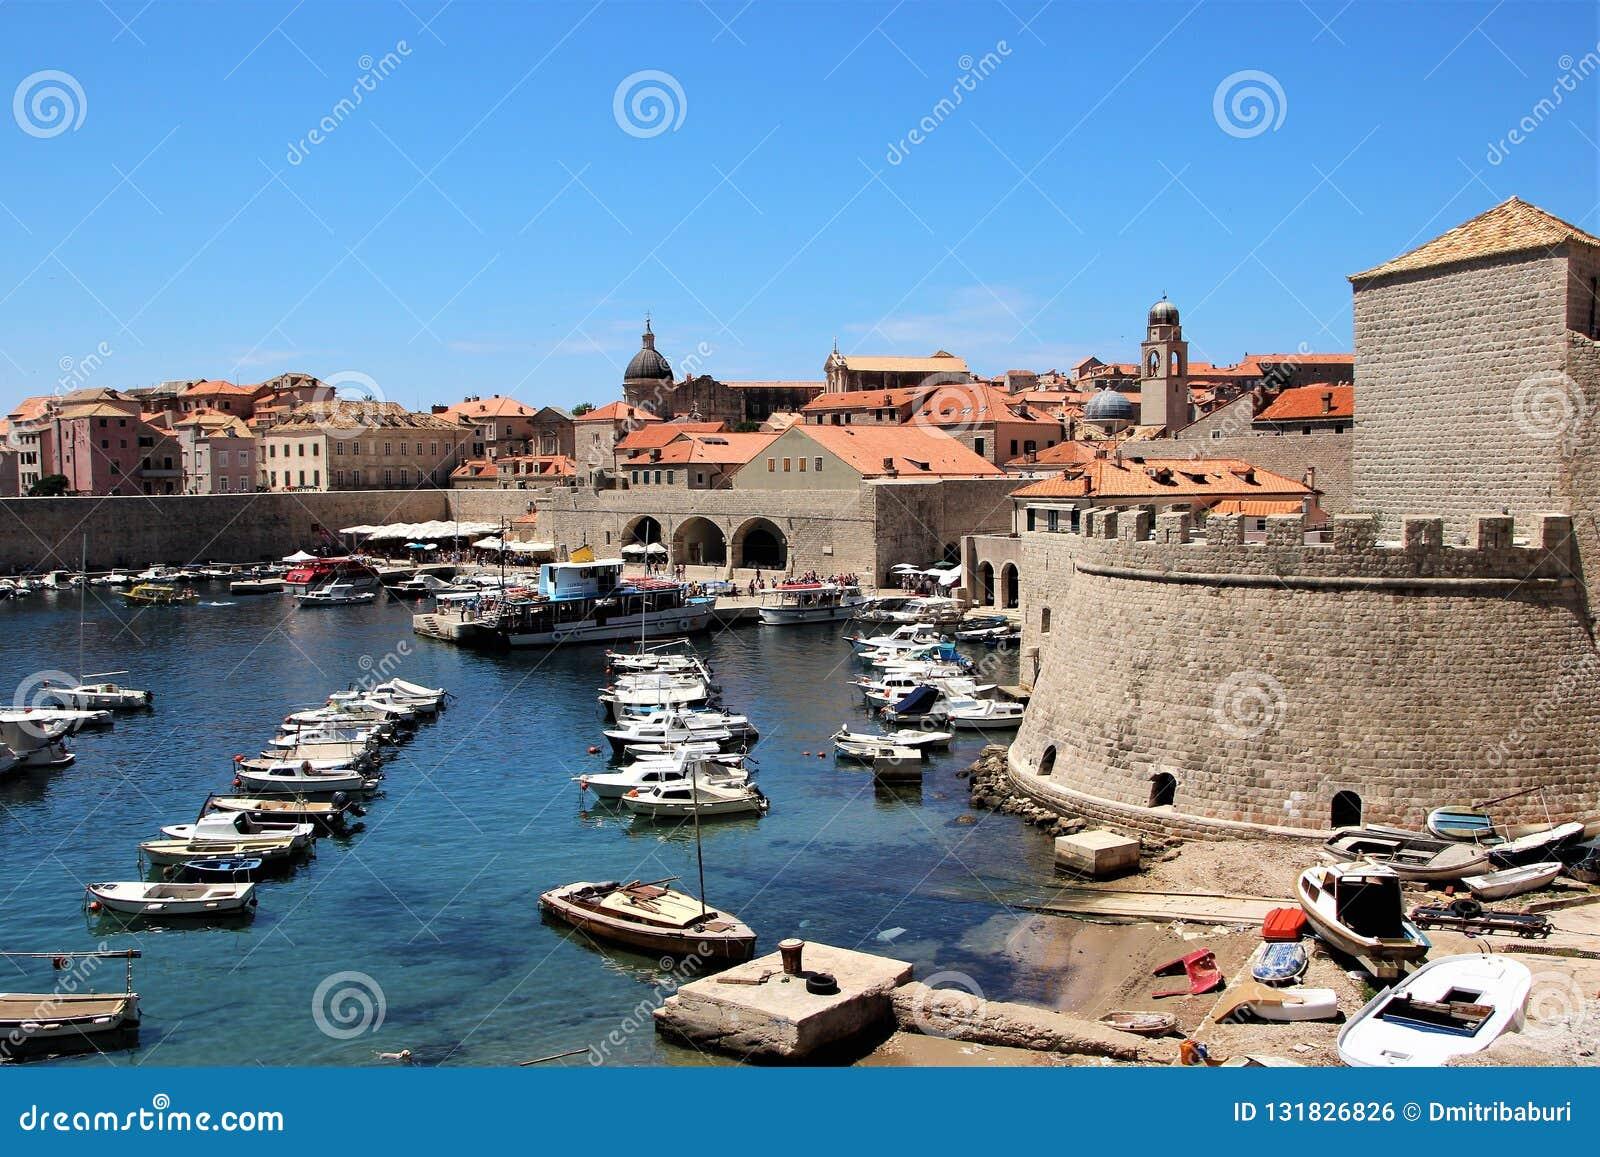 Dubrovnik, Croatie, juin 2015 Vue de la vieille ville du côté du port historique